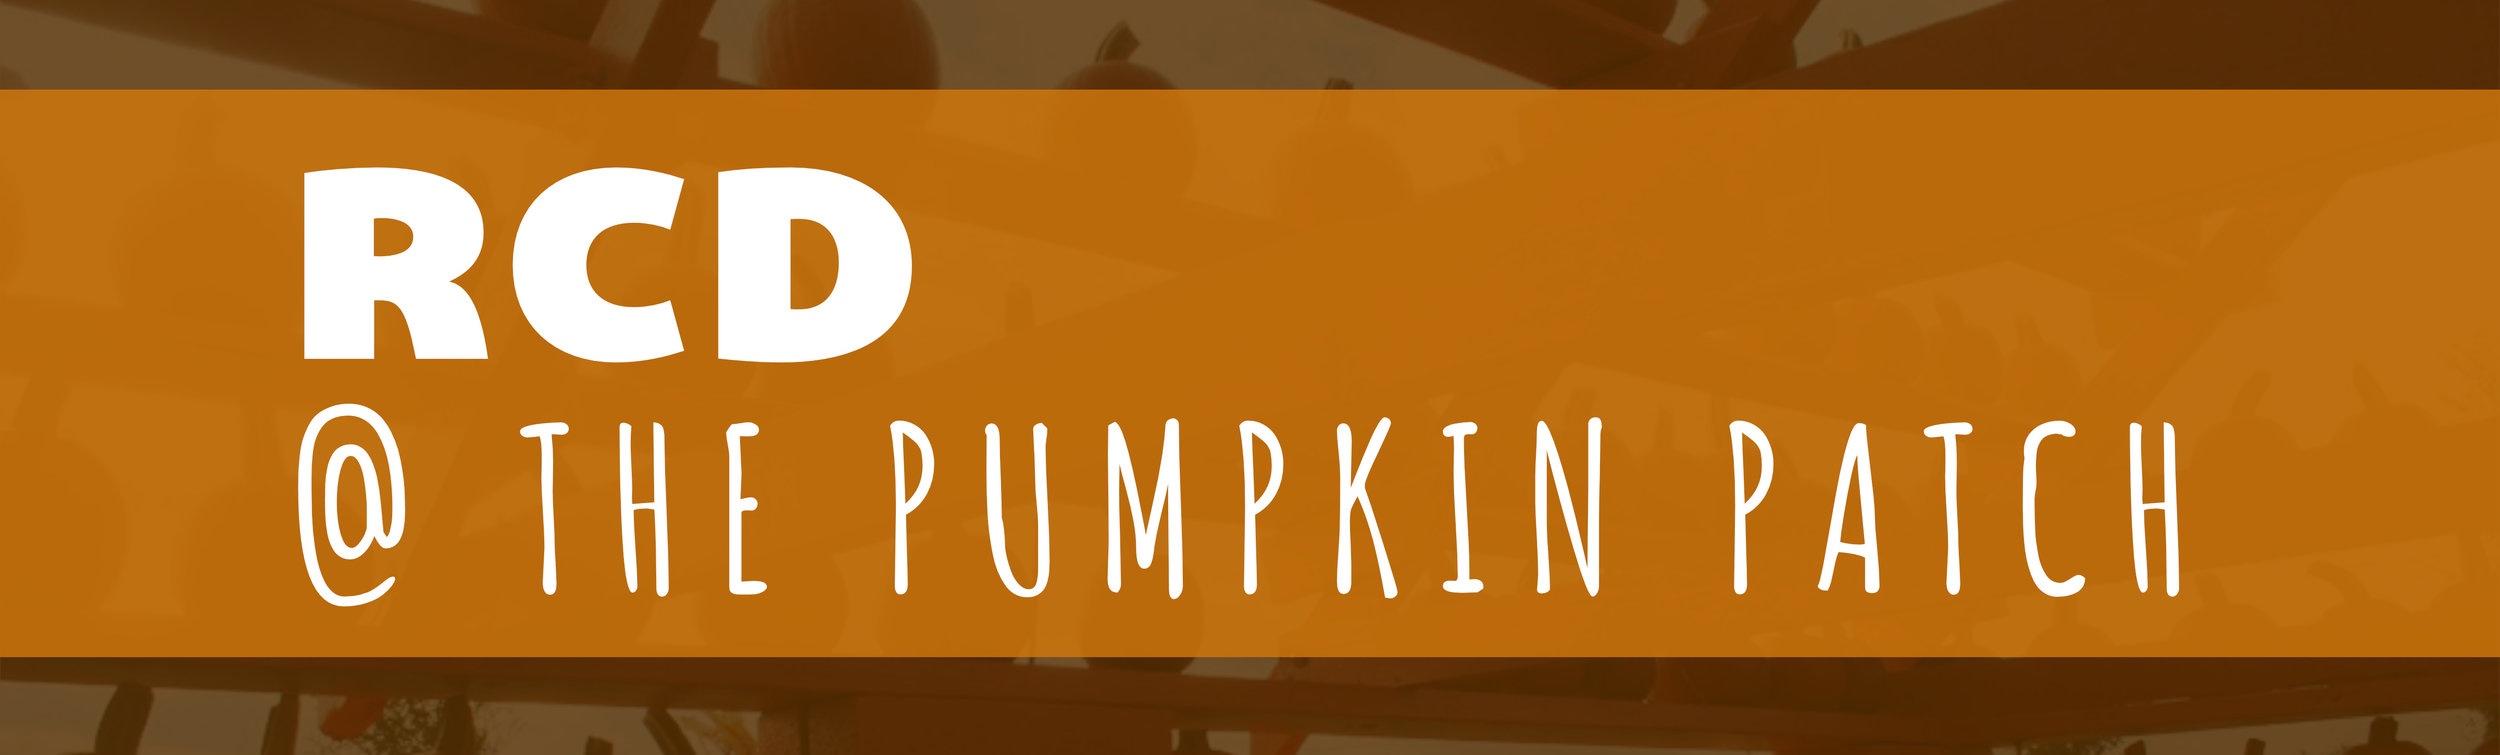 2019.10.19+Pumpkin+Patch.jpg